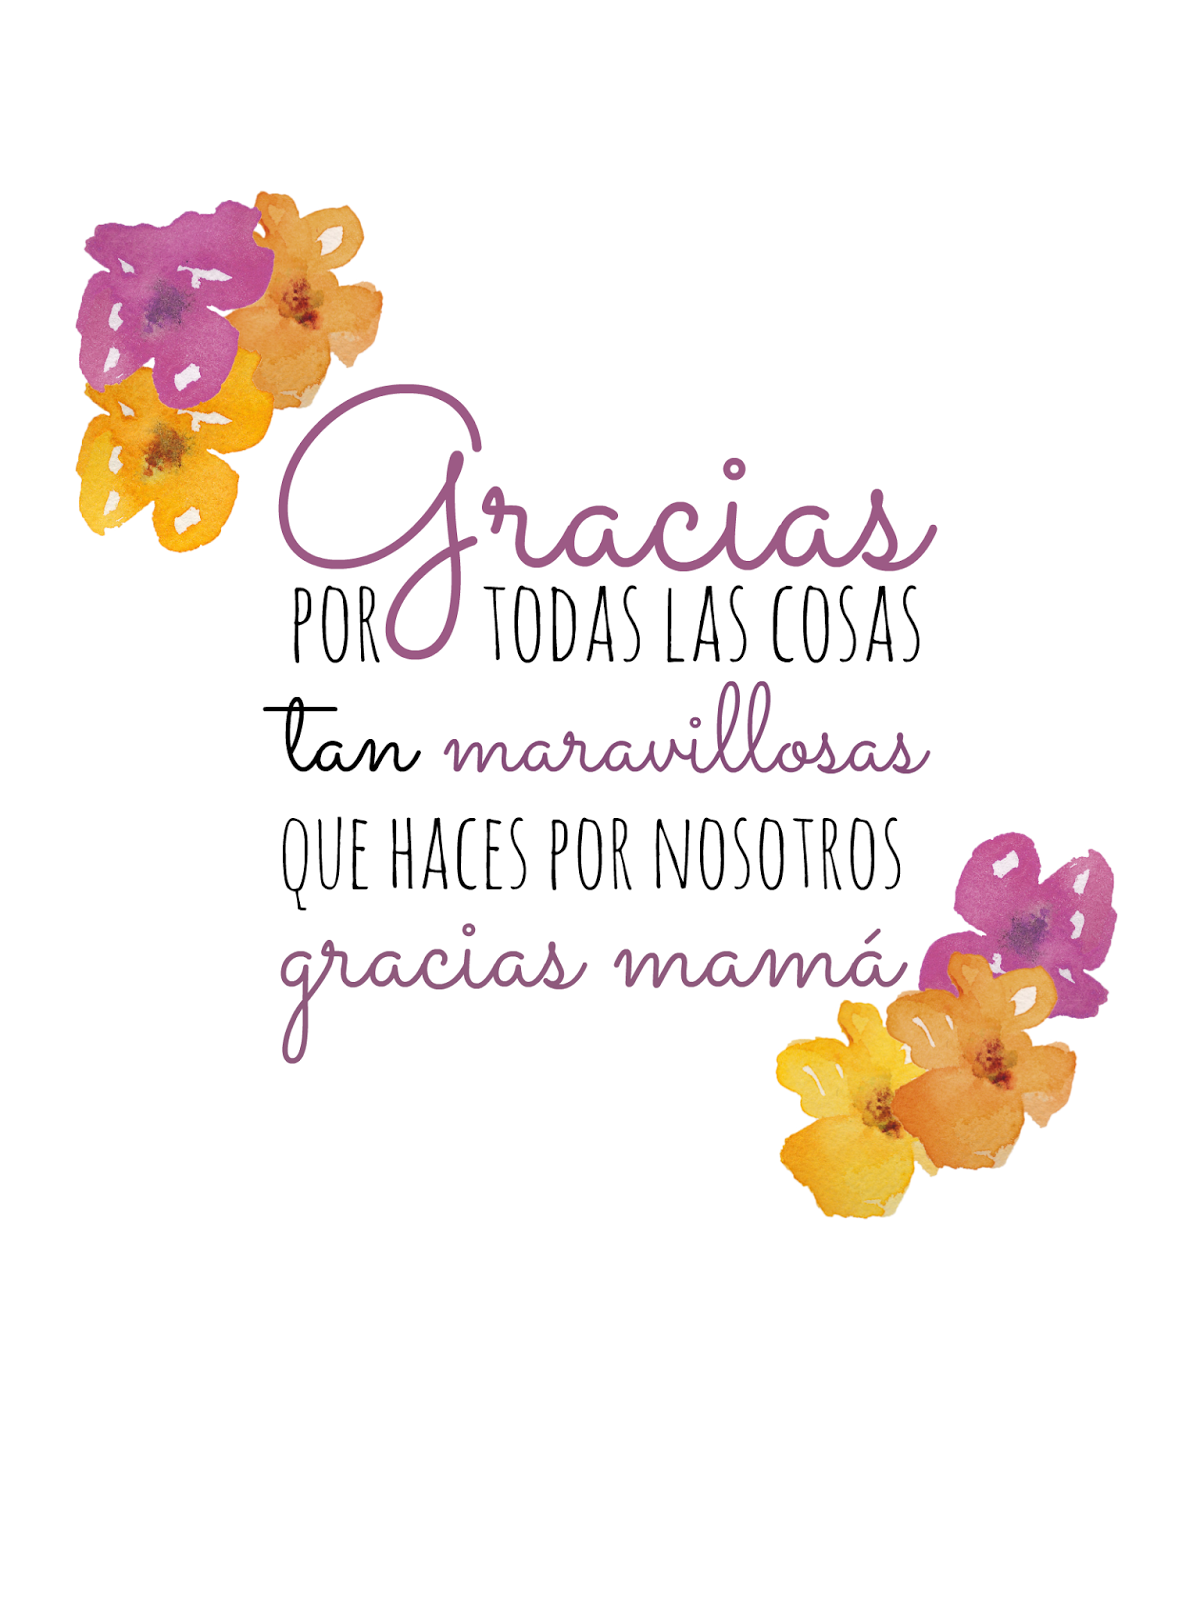 födelsedagskort dikt Pin tillagd av paola borquez på Día de la mamá | Pinterest  födelsedagskort dikt